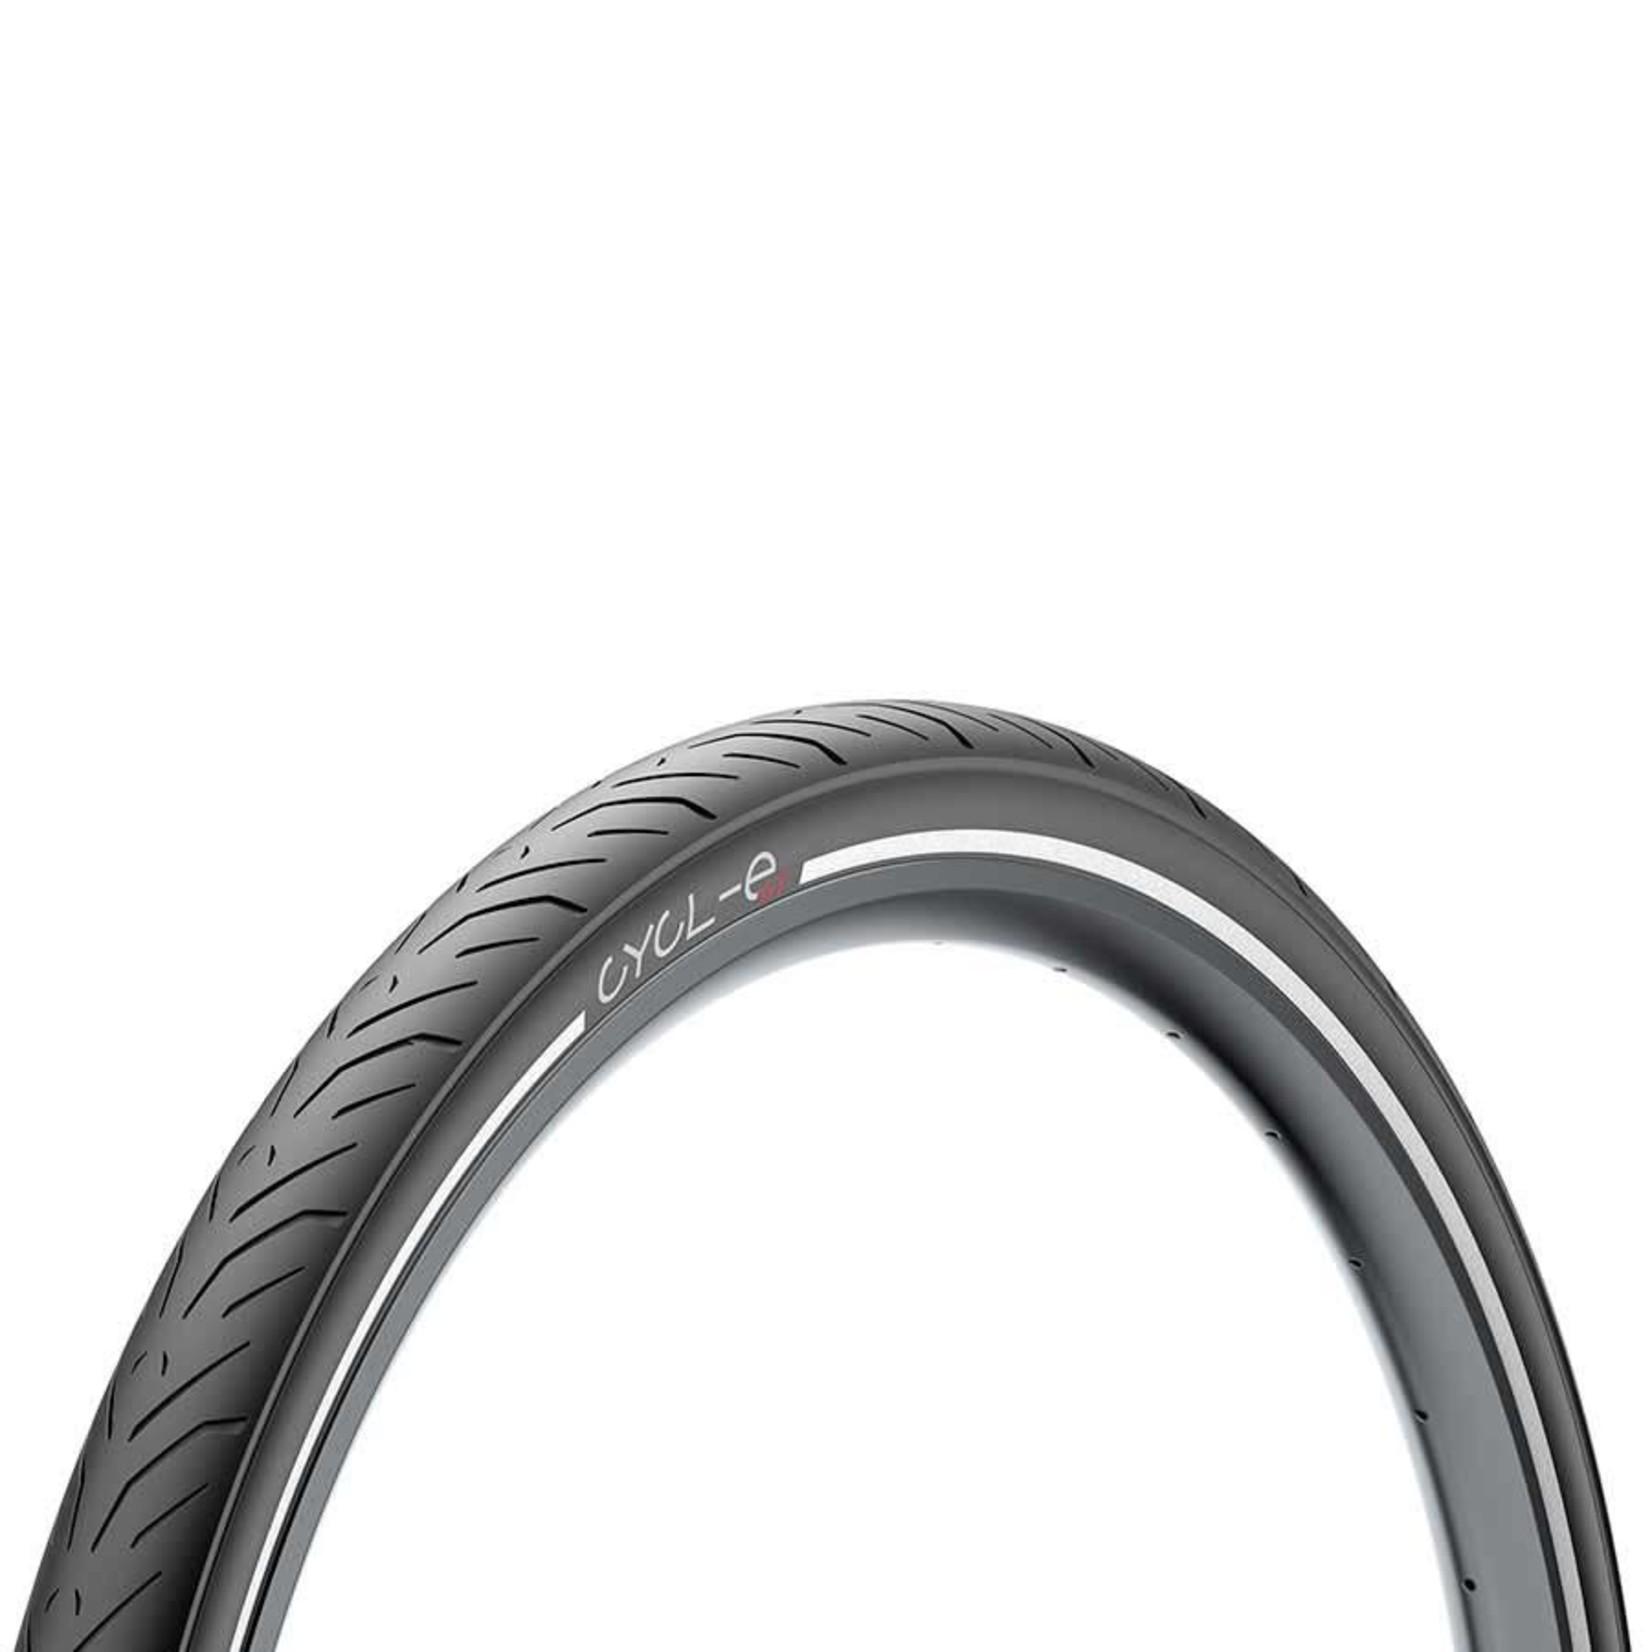 Pirelli Pirelli Cycl-e GT Tire